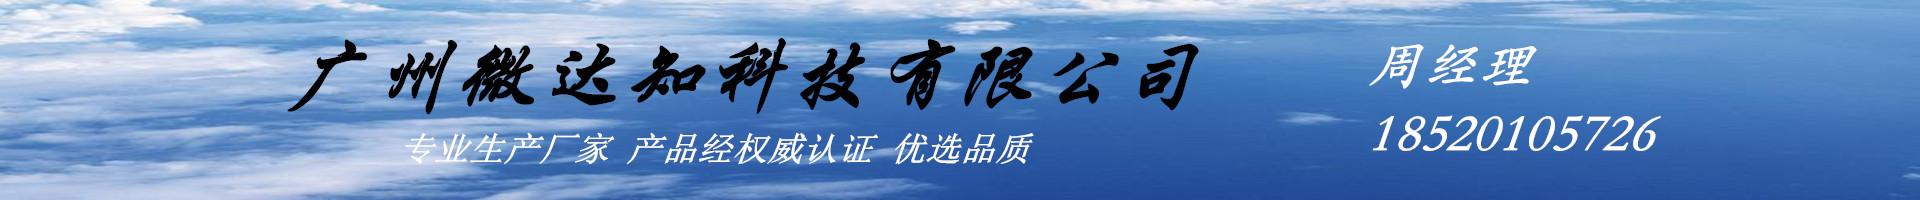 廣州微達知科技有限公司